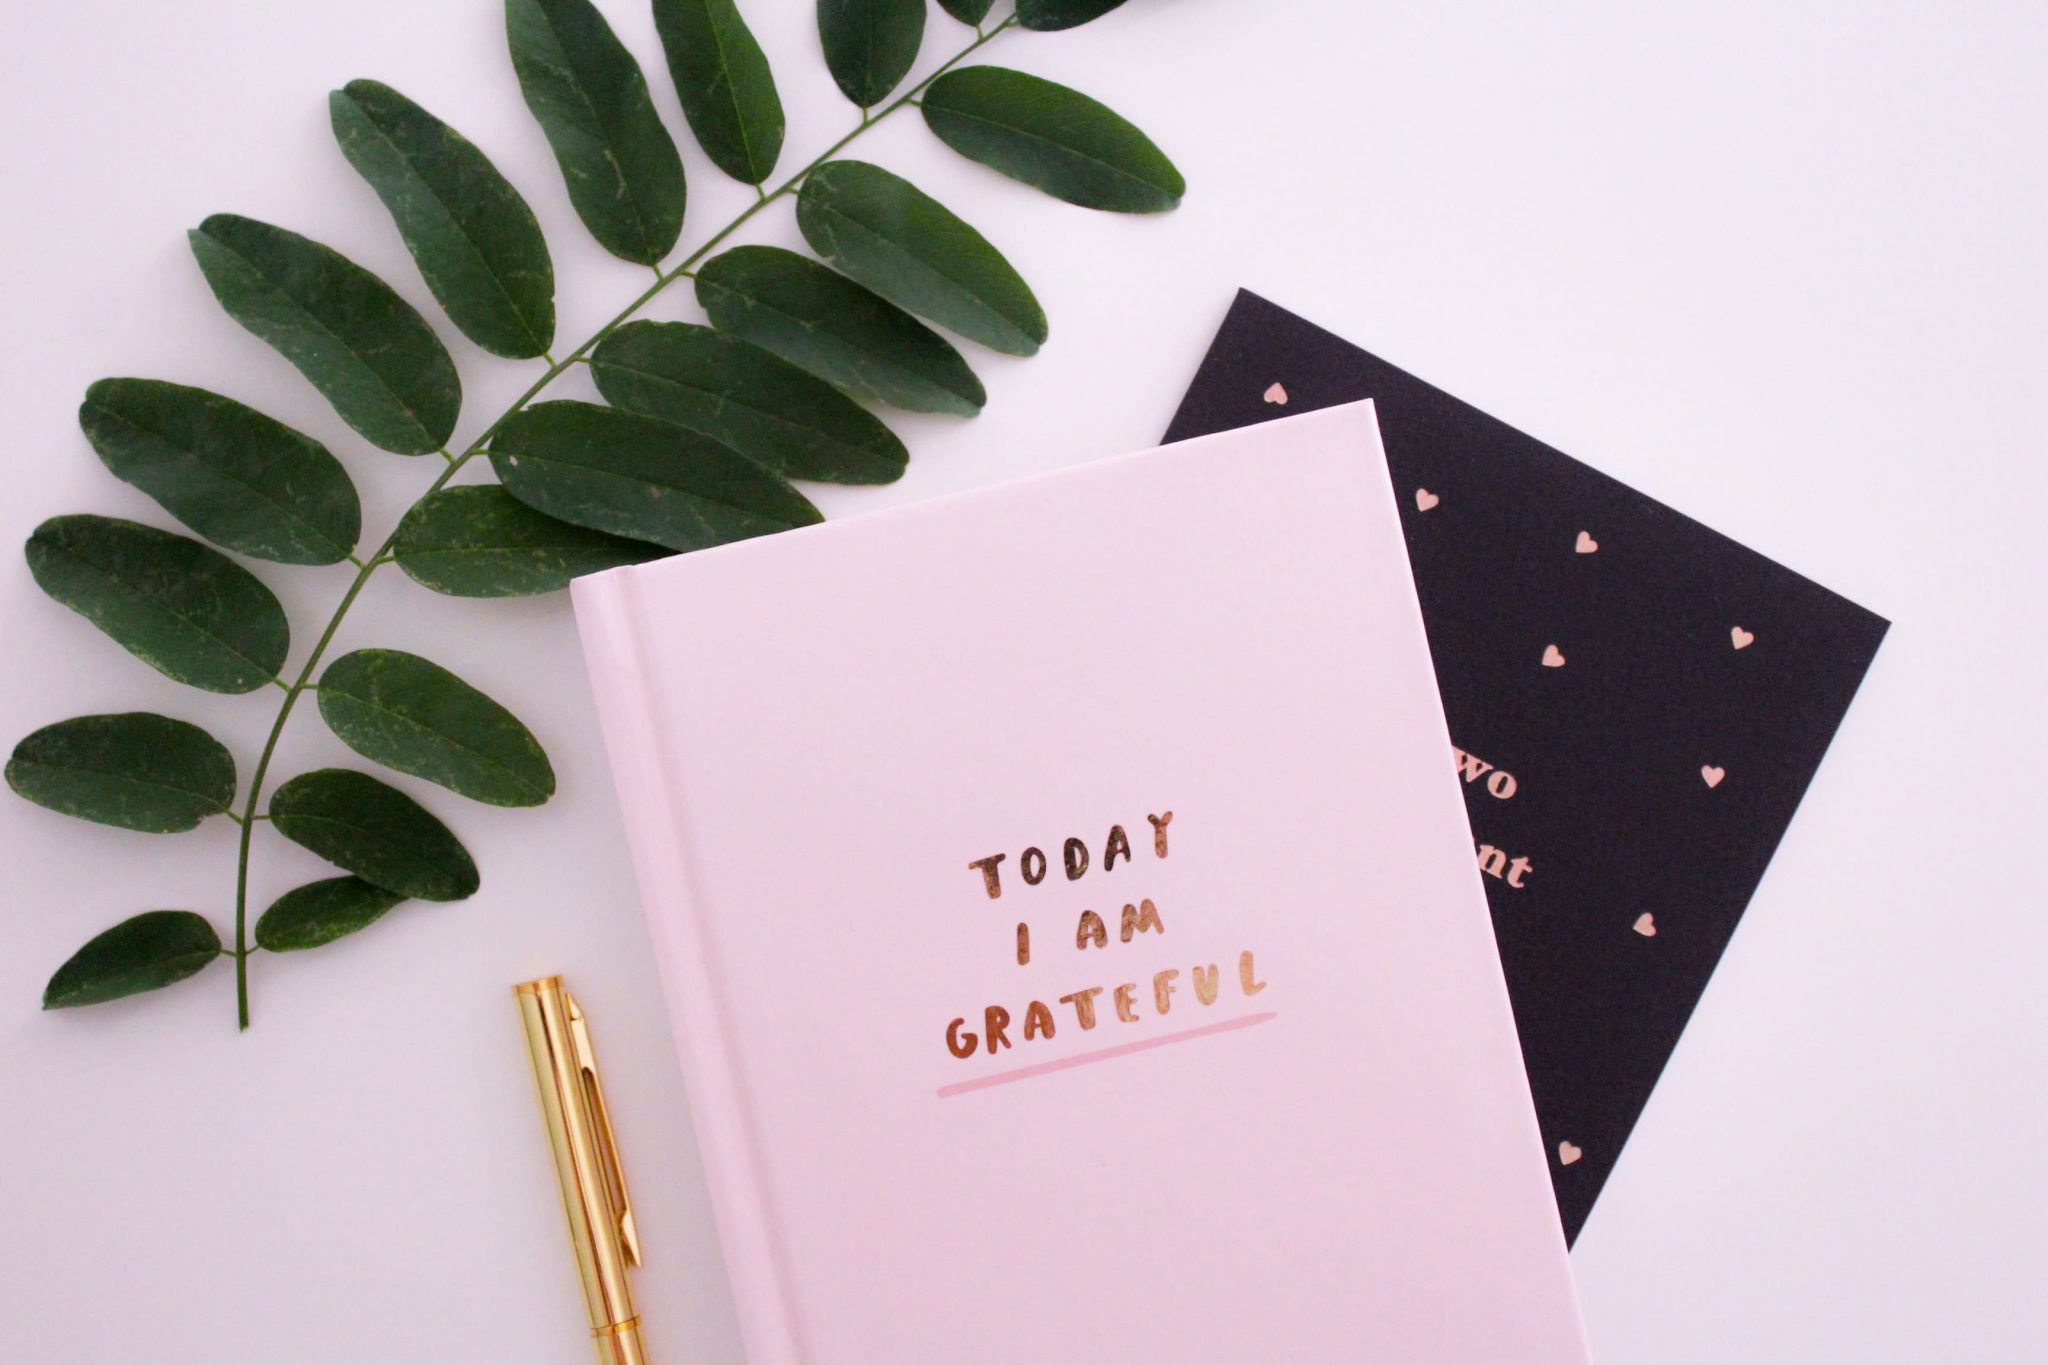 Utiliser la gratitude pour changer la perception de sa vie